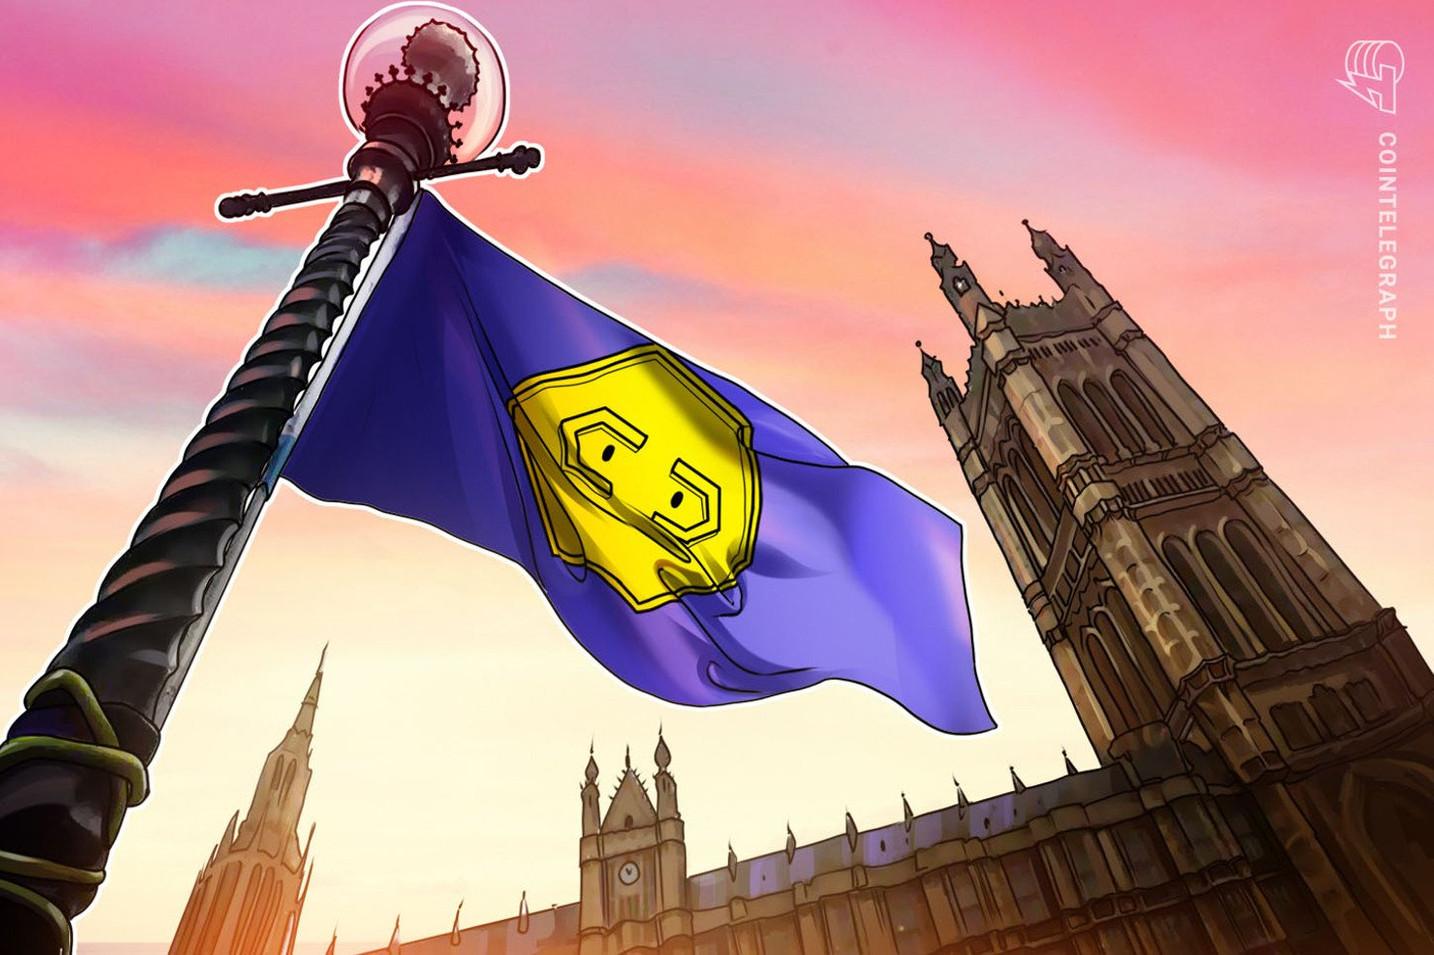 英中銀がCBDC議論のたたき台発表、「デジタル通貨は慎重に」